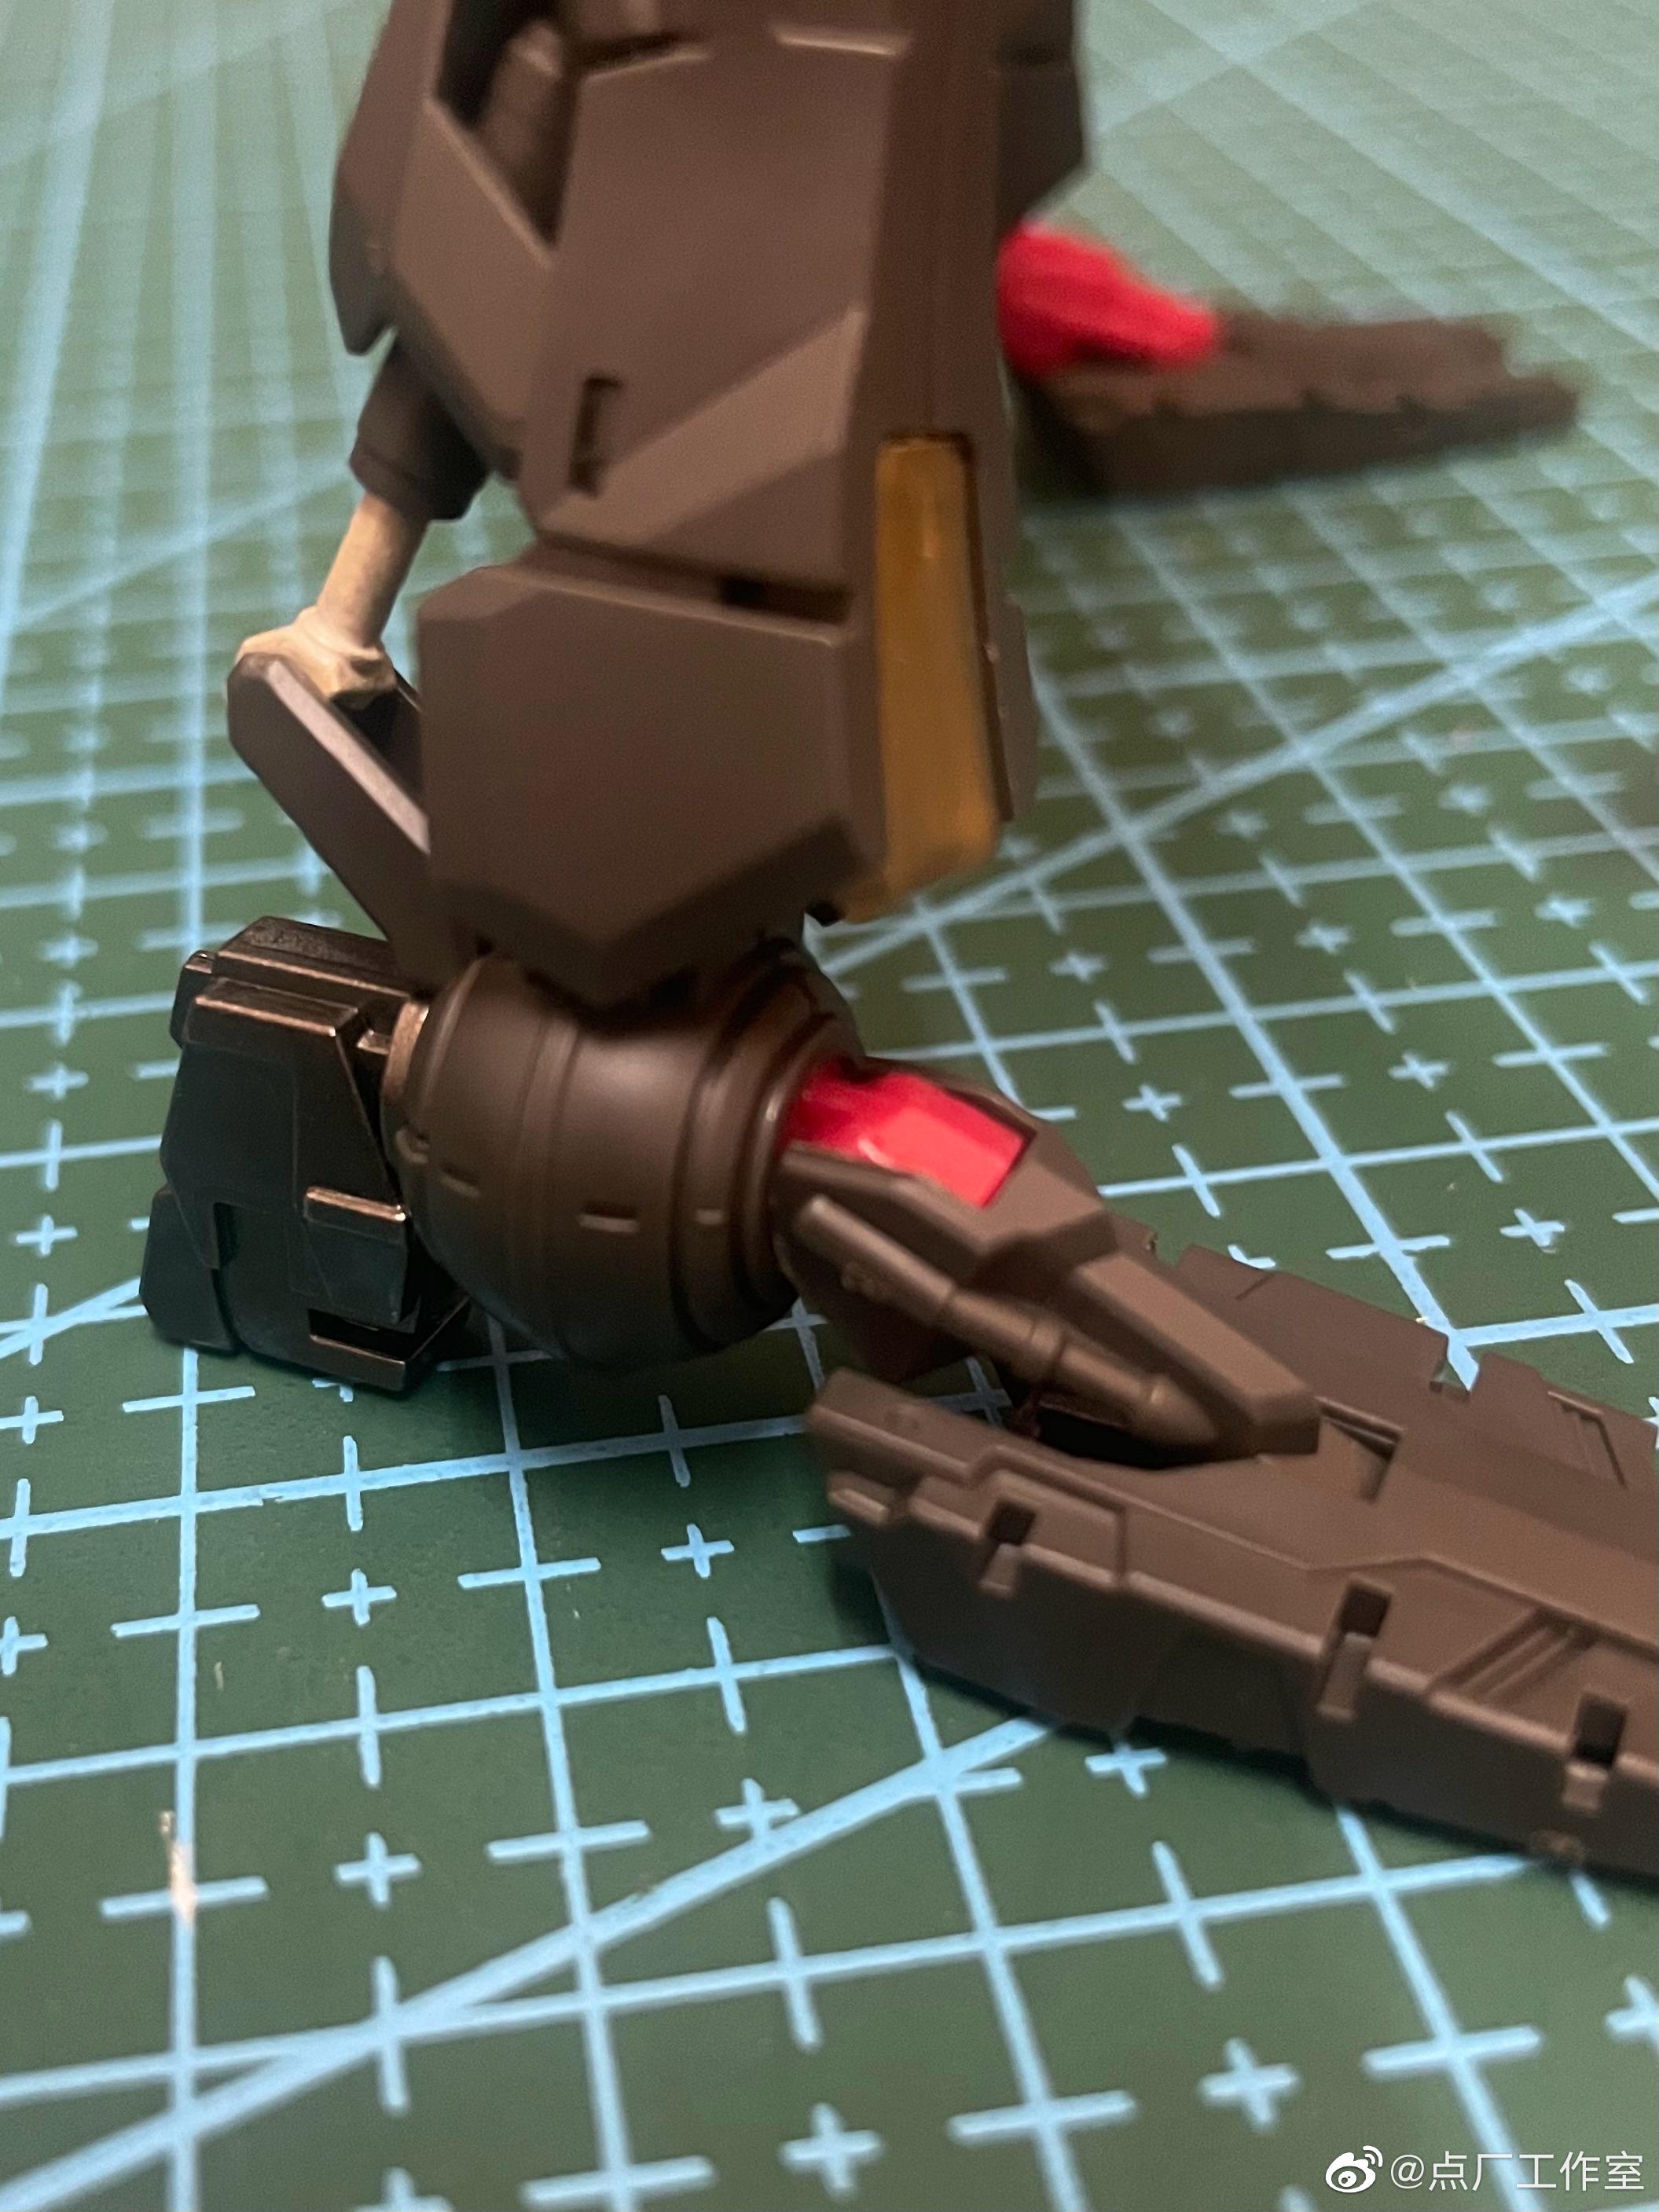 M103_mg_barbatos_metal_frame_parts_set_006.jpg